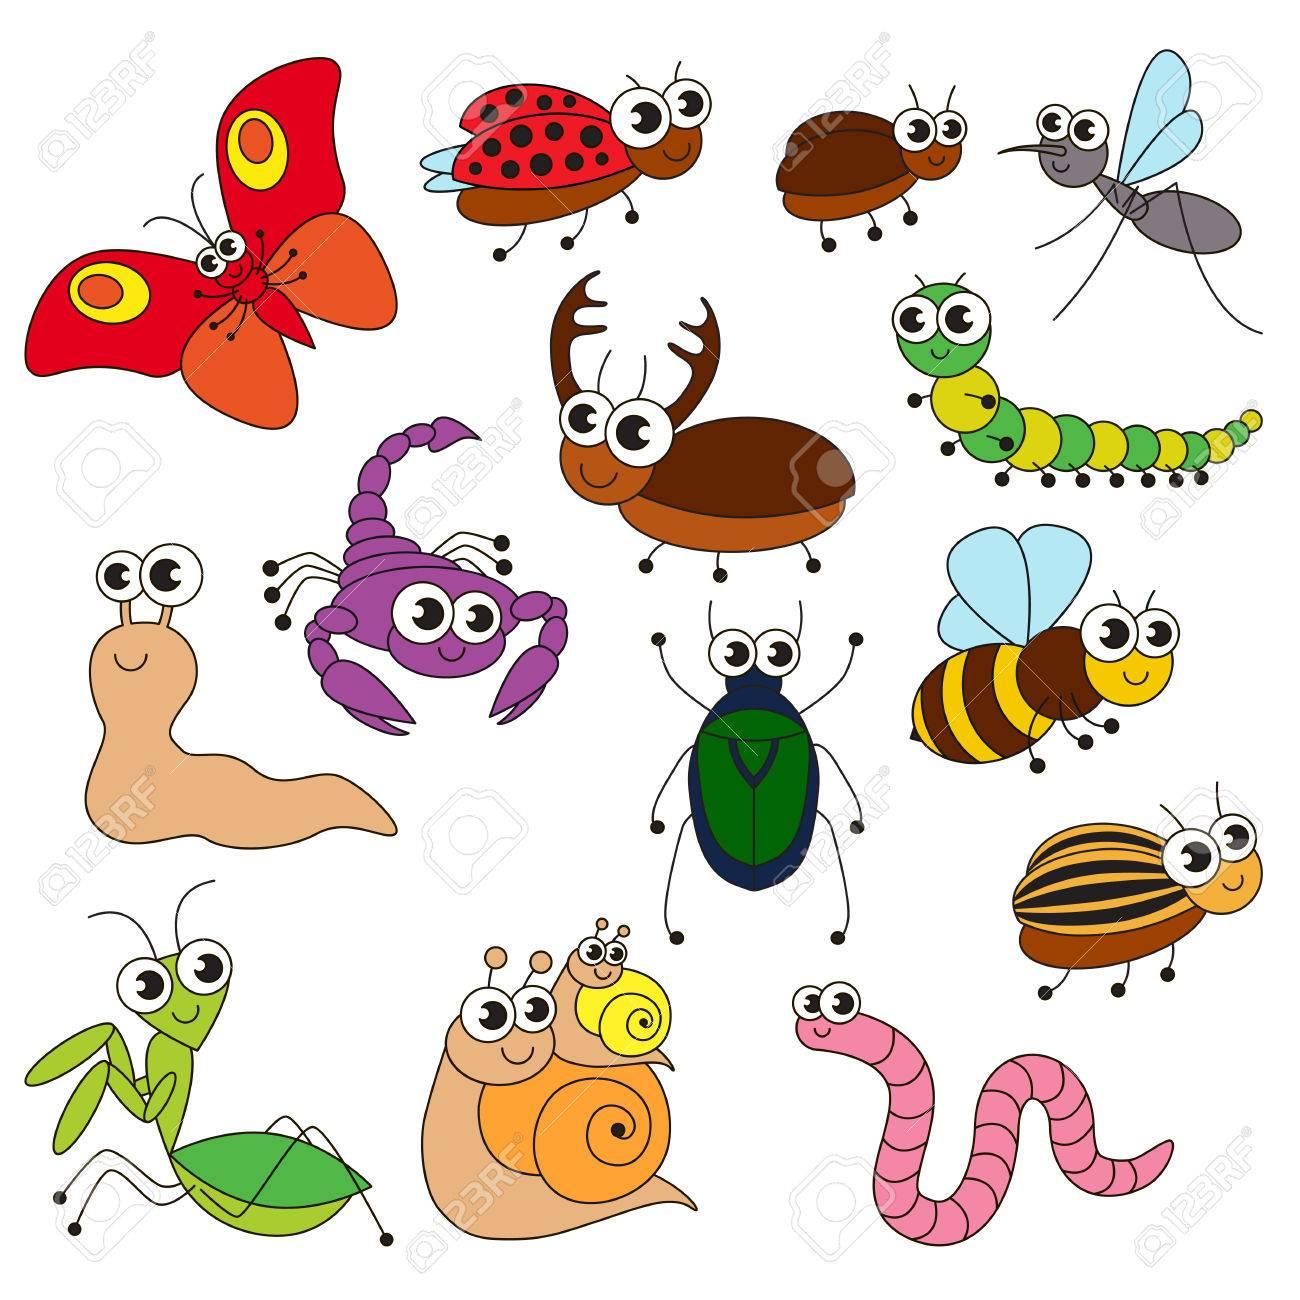 Cute Pequeños Insectos Conjunto De Elementos Colección De Plantilla De Libro Para Colorear El Grupo De Ilustración Digital De Elementos De